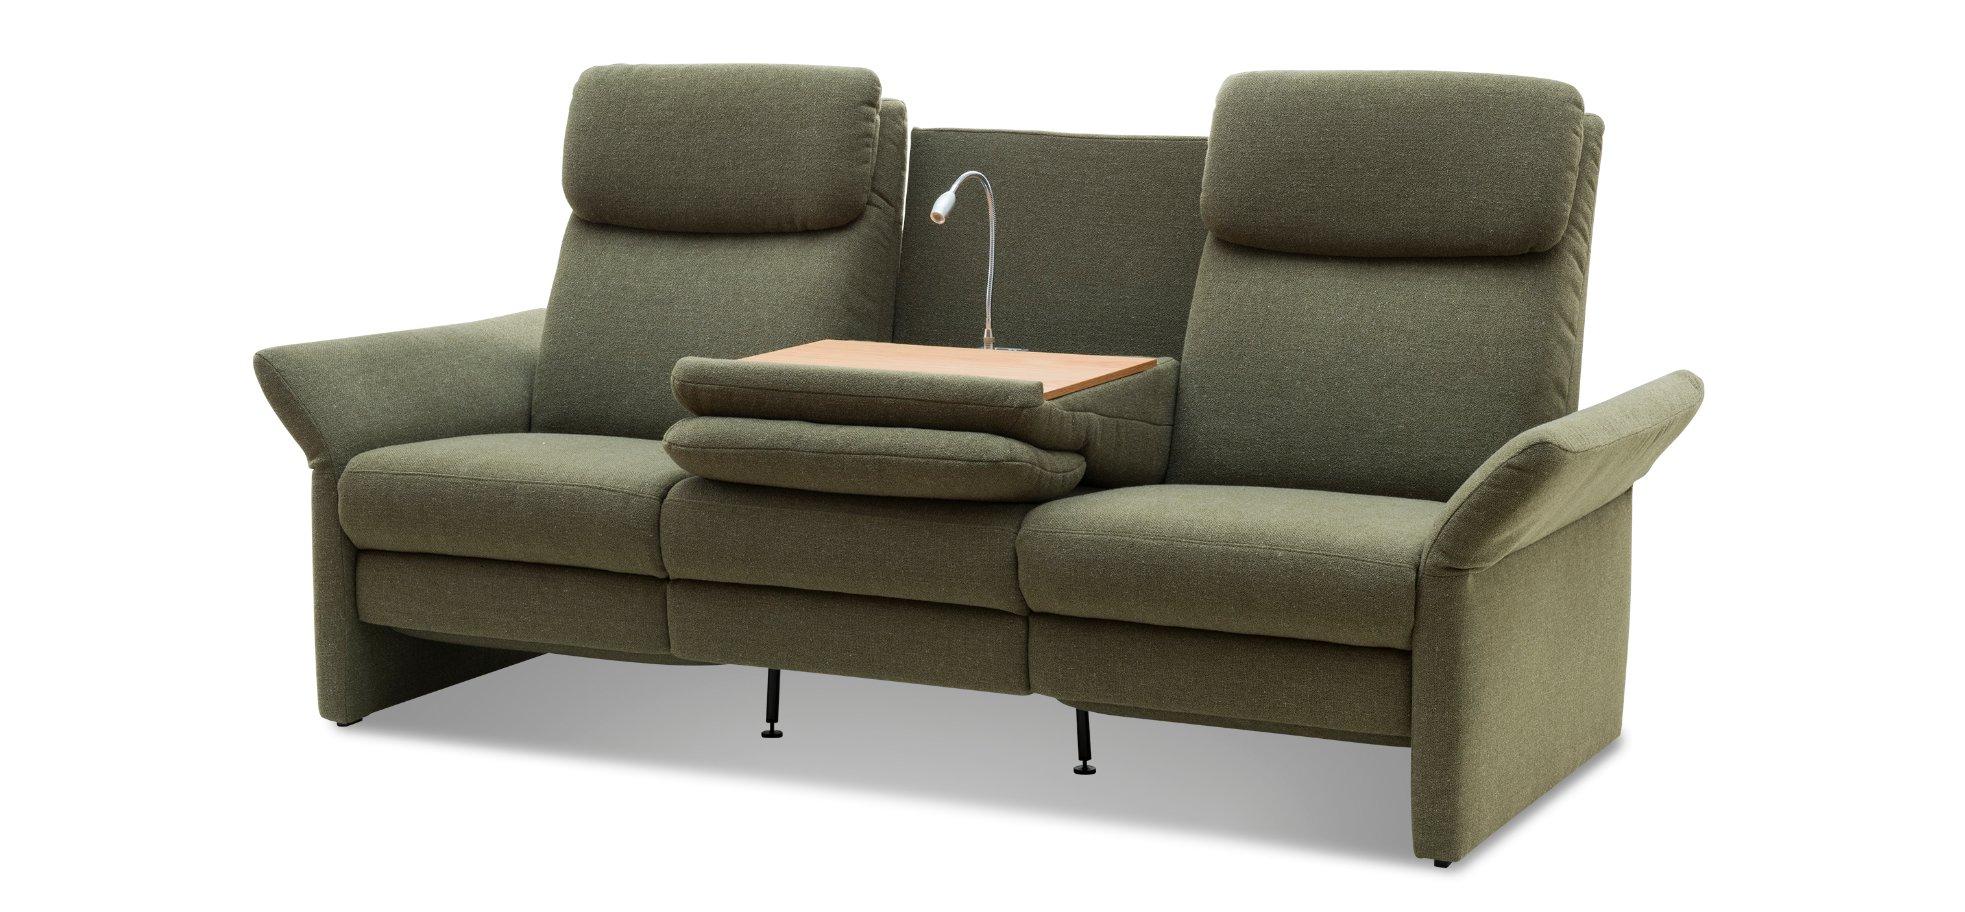 Full Size of Natura Sofa Kansas Gebraucht Couch Brooklyn Love Newport Denver Kaufen Home Pasadena Sofas Und Couches Mbel Lenz Polsterreiniger Minotti Garnitur 3 Teilig Bora Sofa Natura Sofa